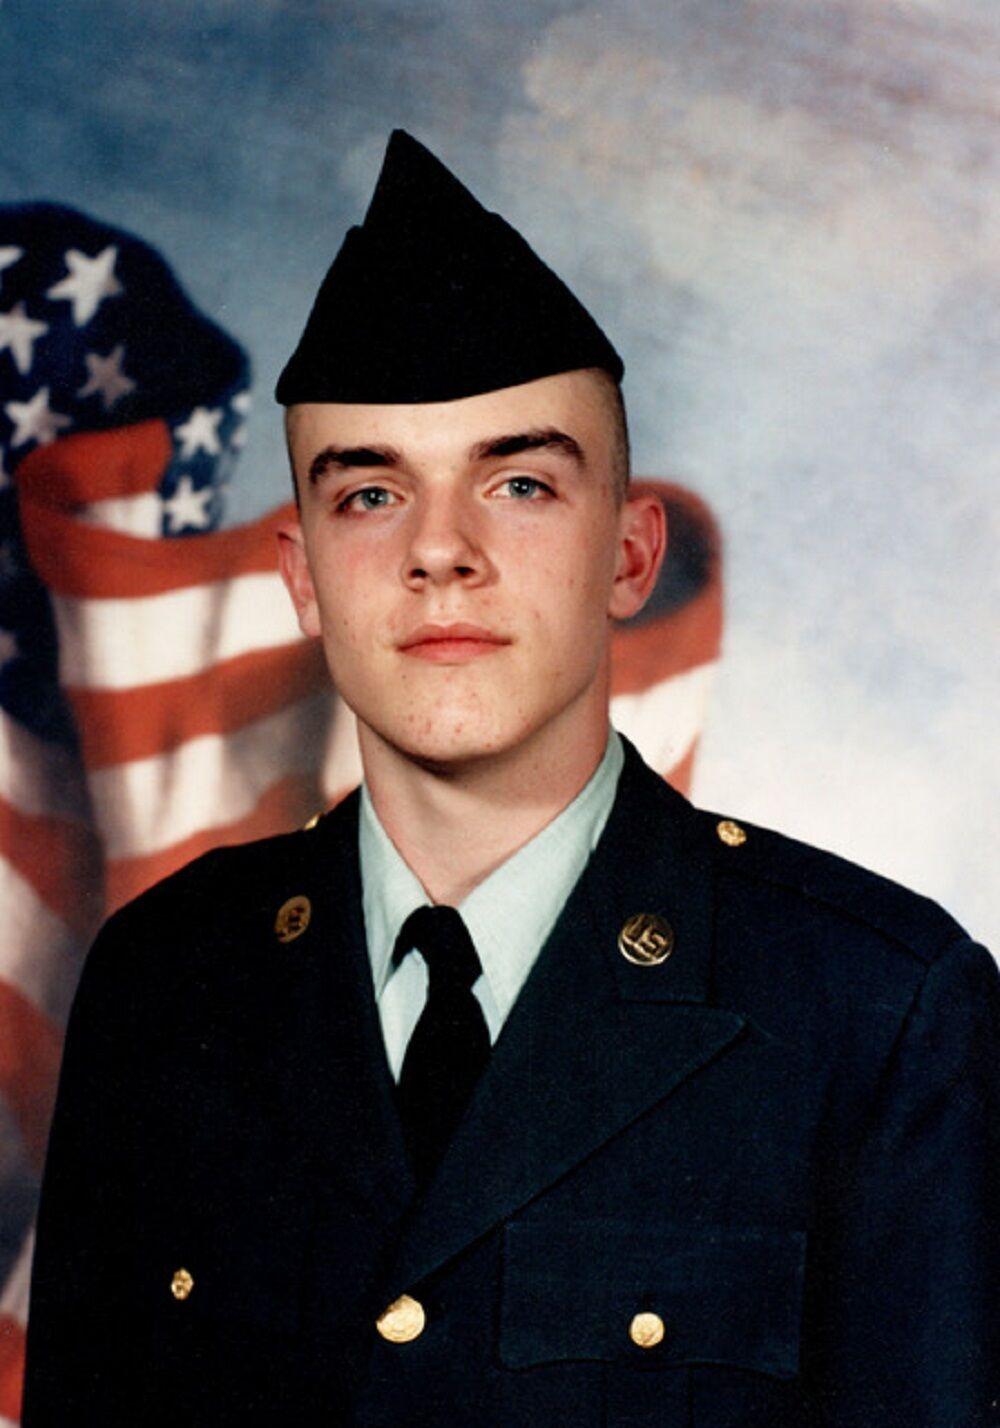 Memories 2 Soldier.jpg